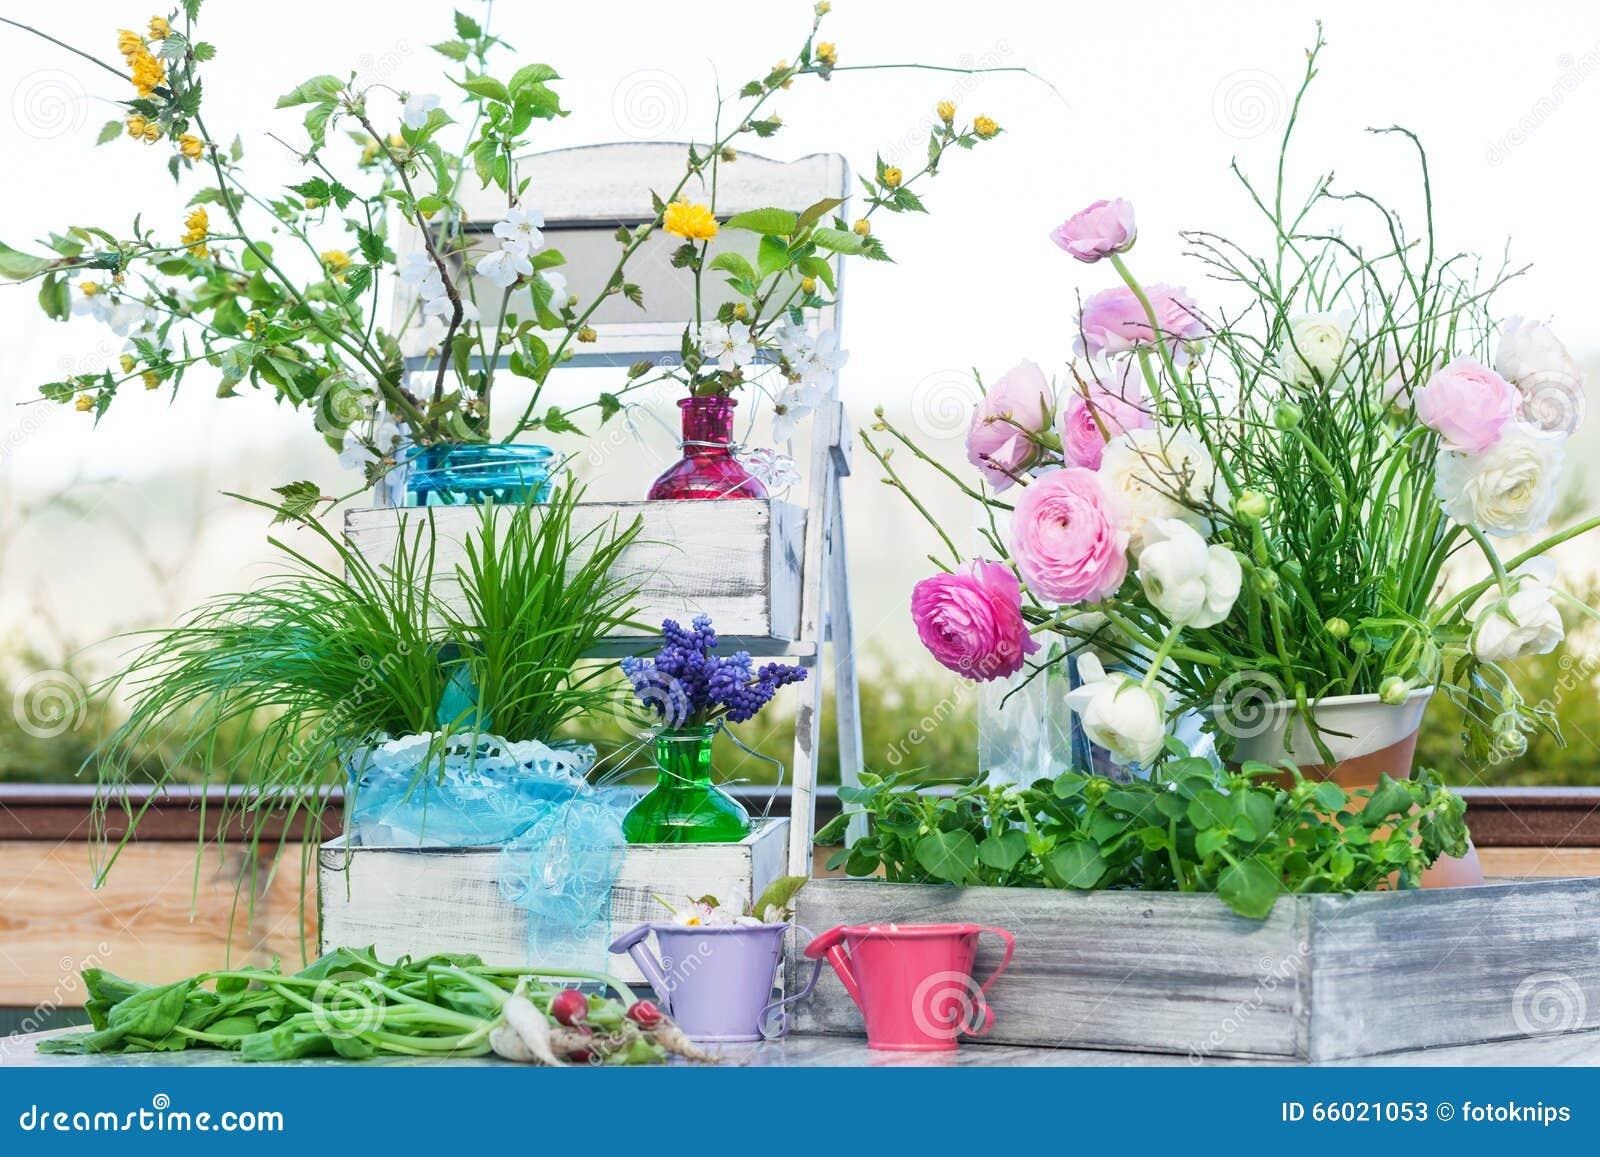 fr hlingsdekoration auf der terrasse stockbild bild von rettiche kirsche 66021053. Black Bedroom Furniture Sets. Home Design Ideas